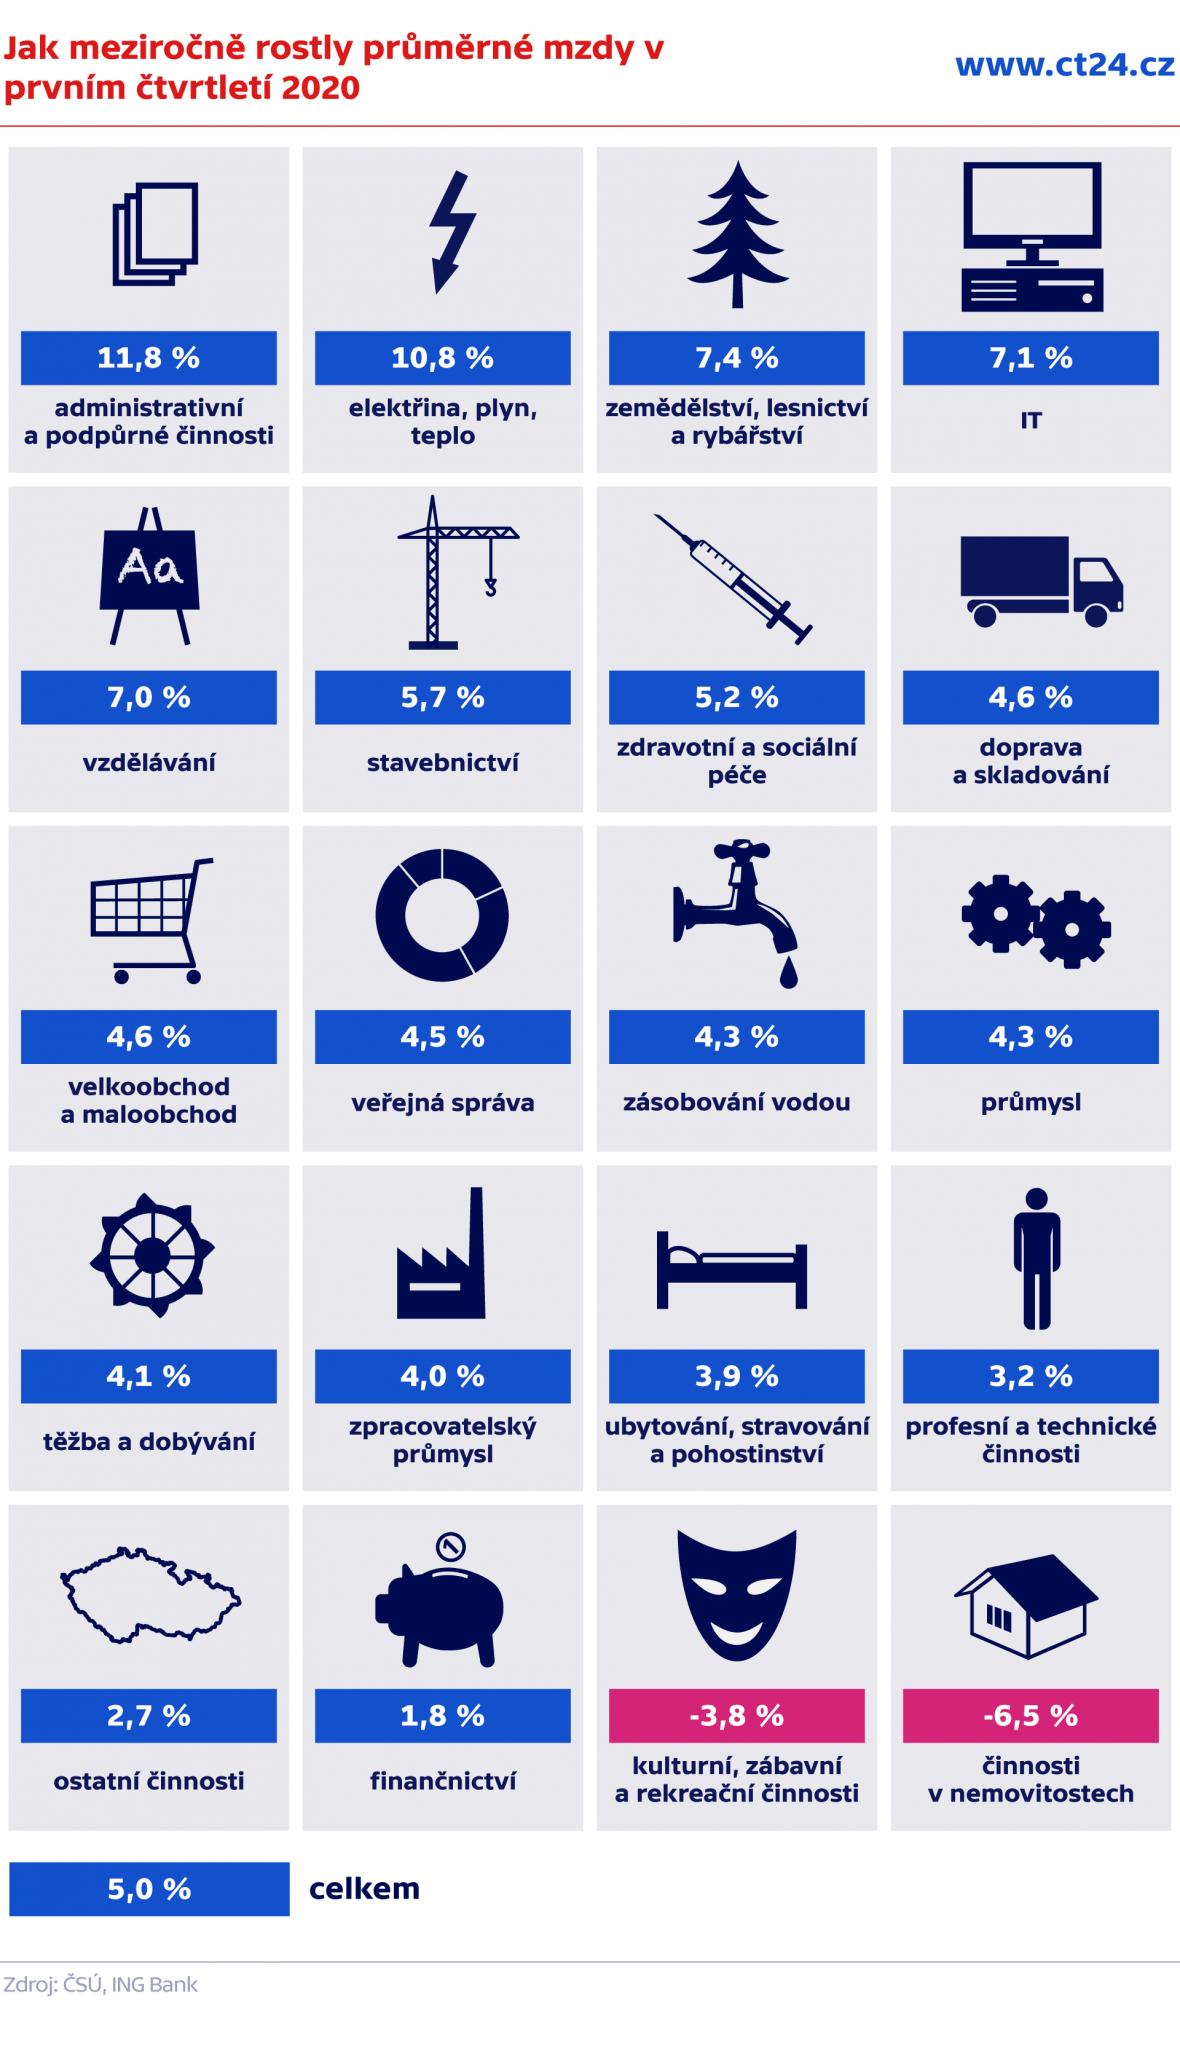 Jak meziročně rostly průměrné mzdy v prvním čtvrtletí 2020